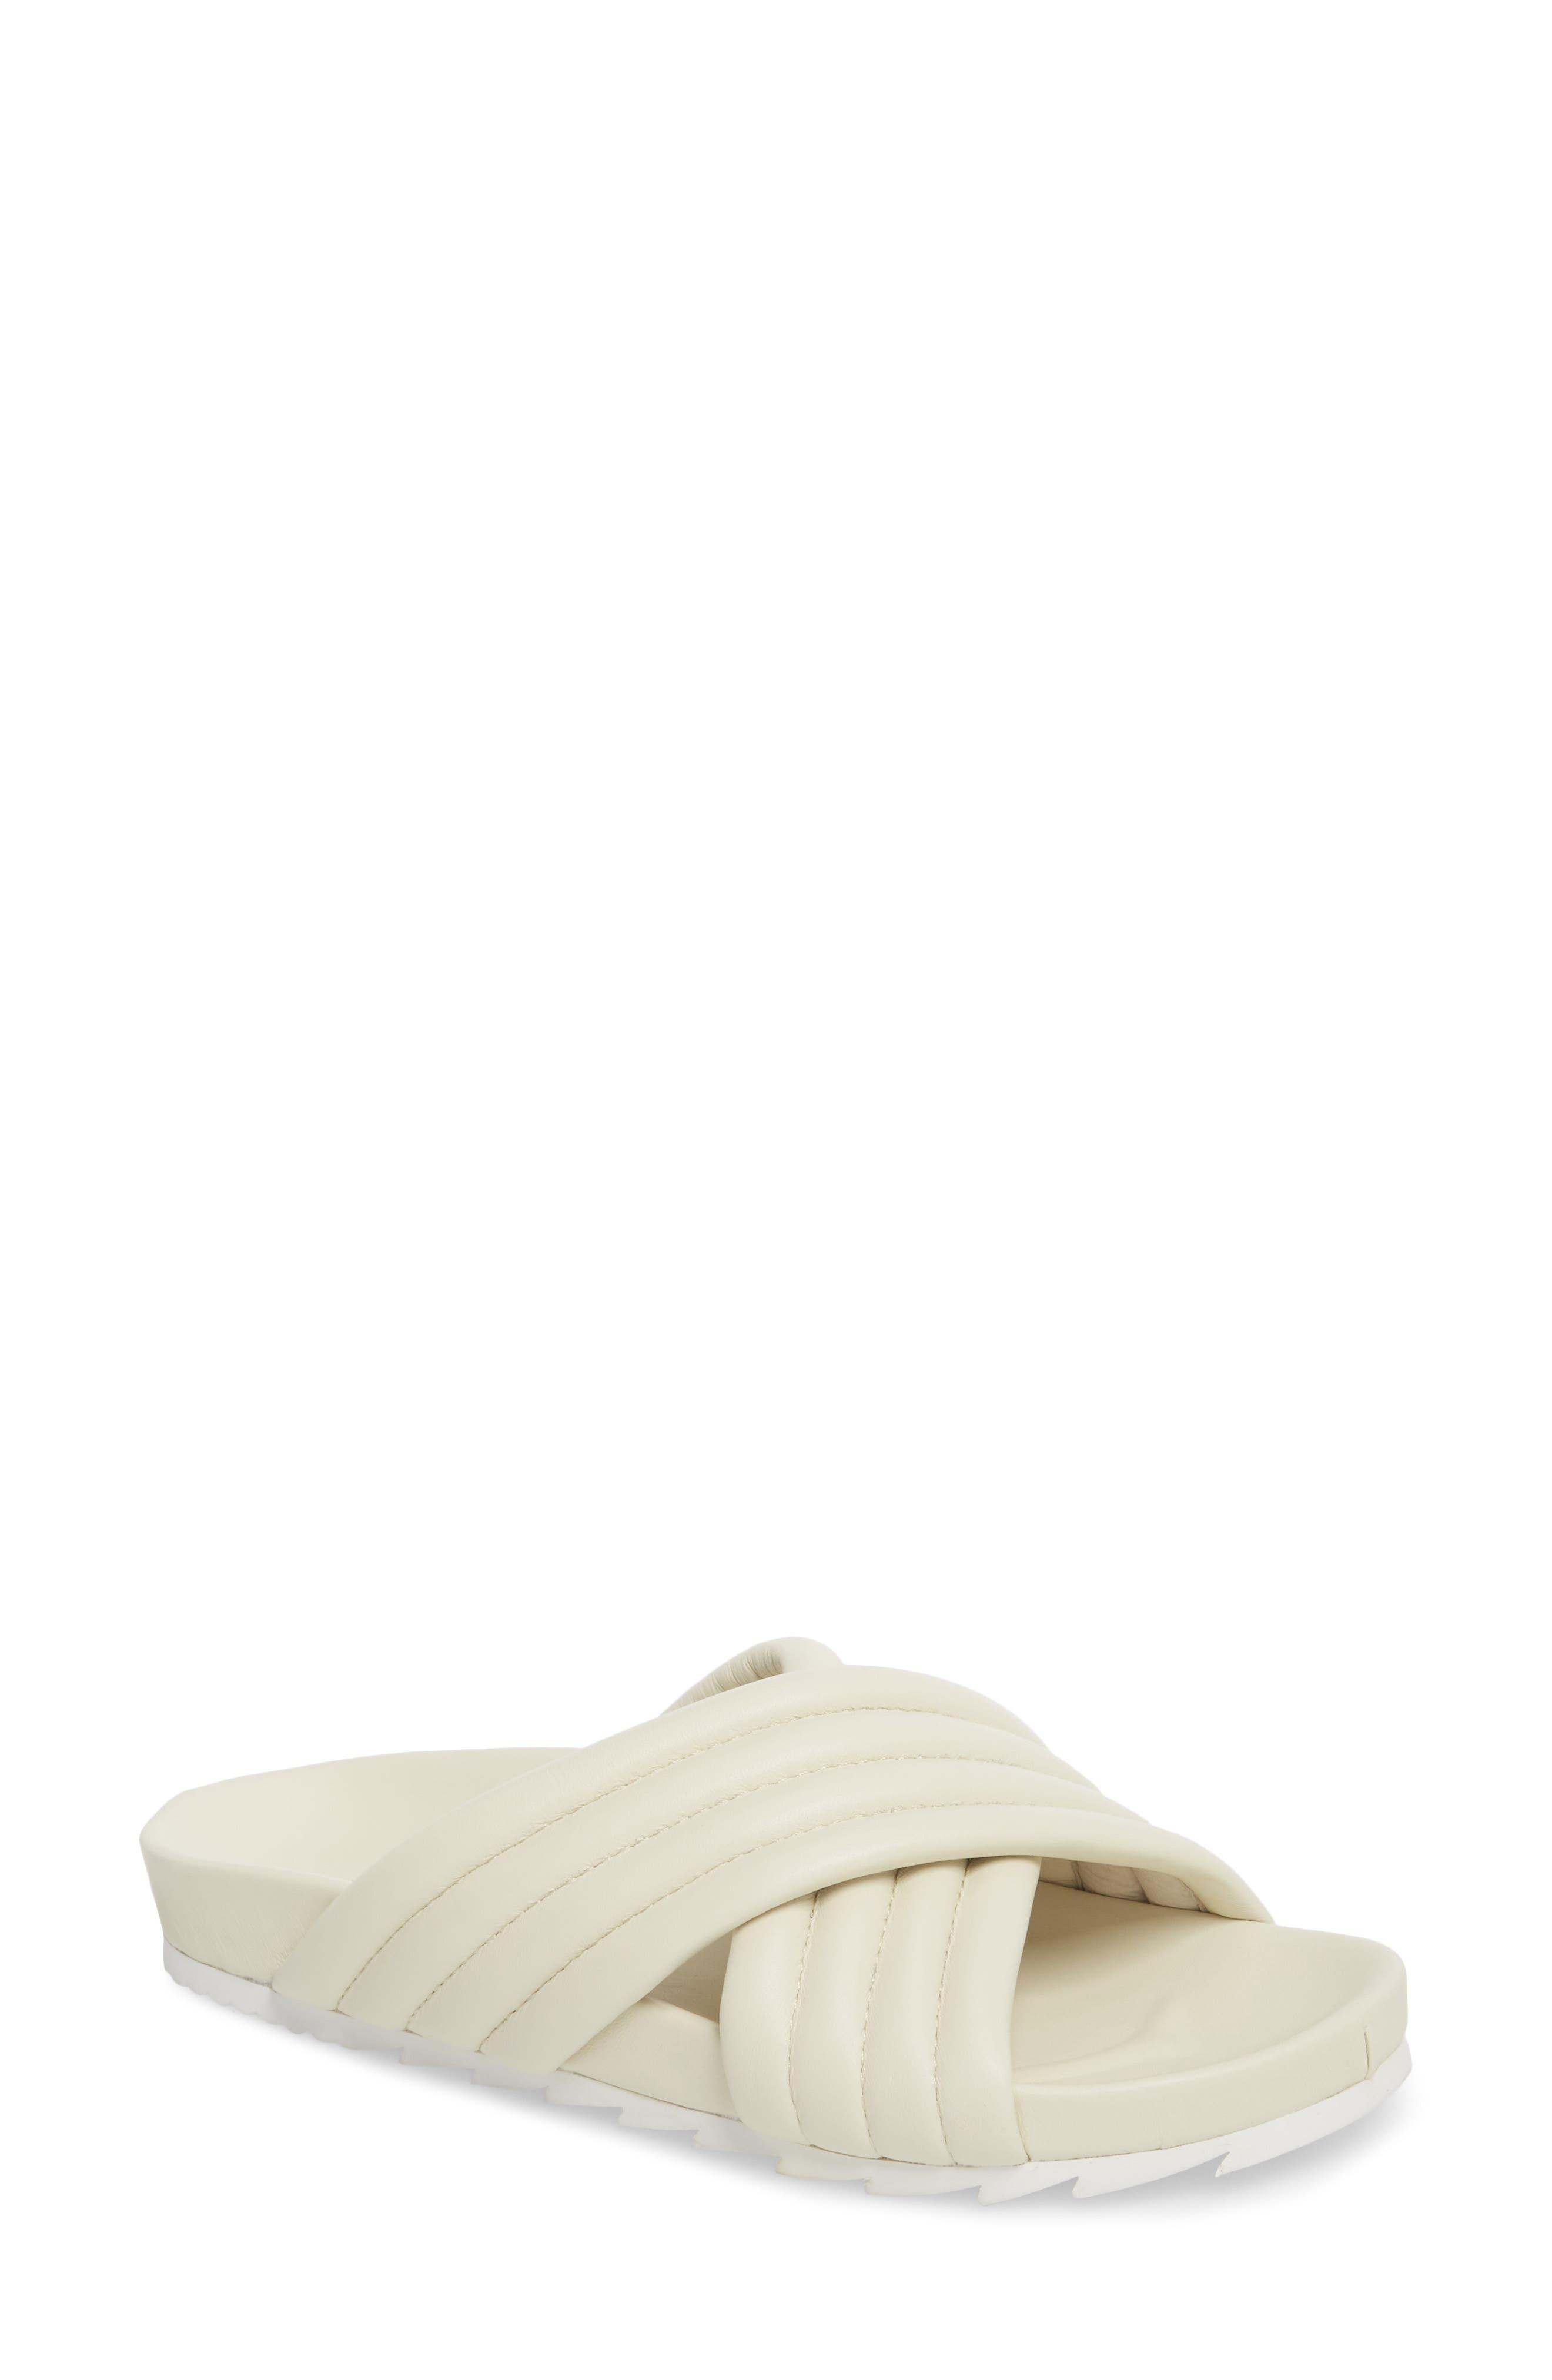 JSLIDES Easy Slide Sandal, Main, color, OFF WHITE LEATHER